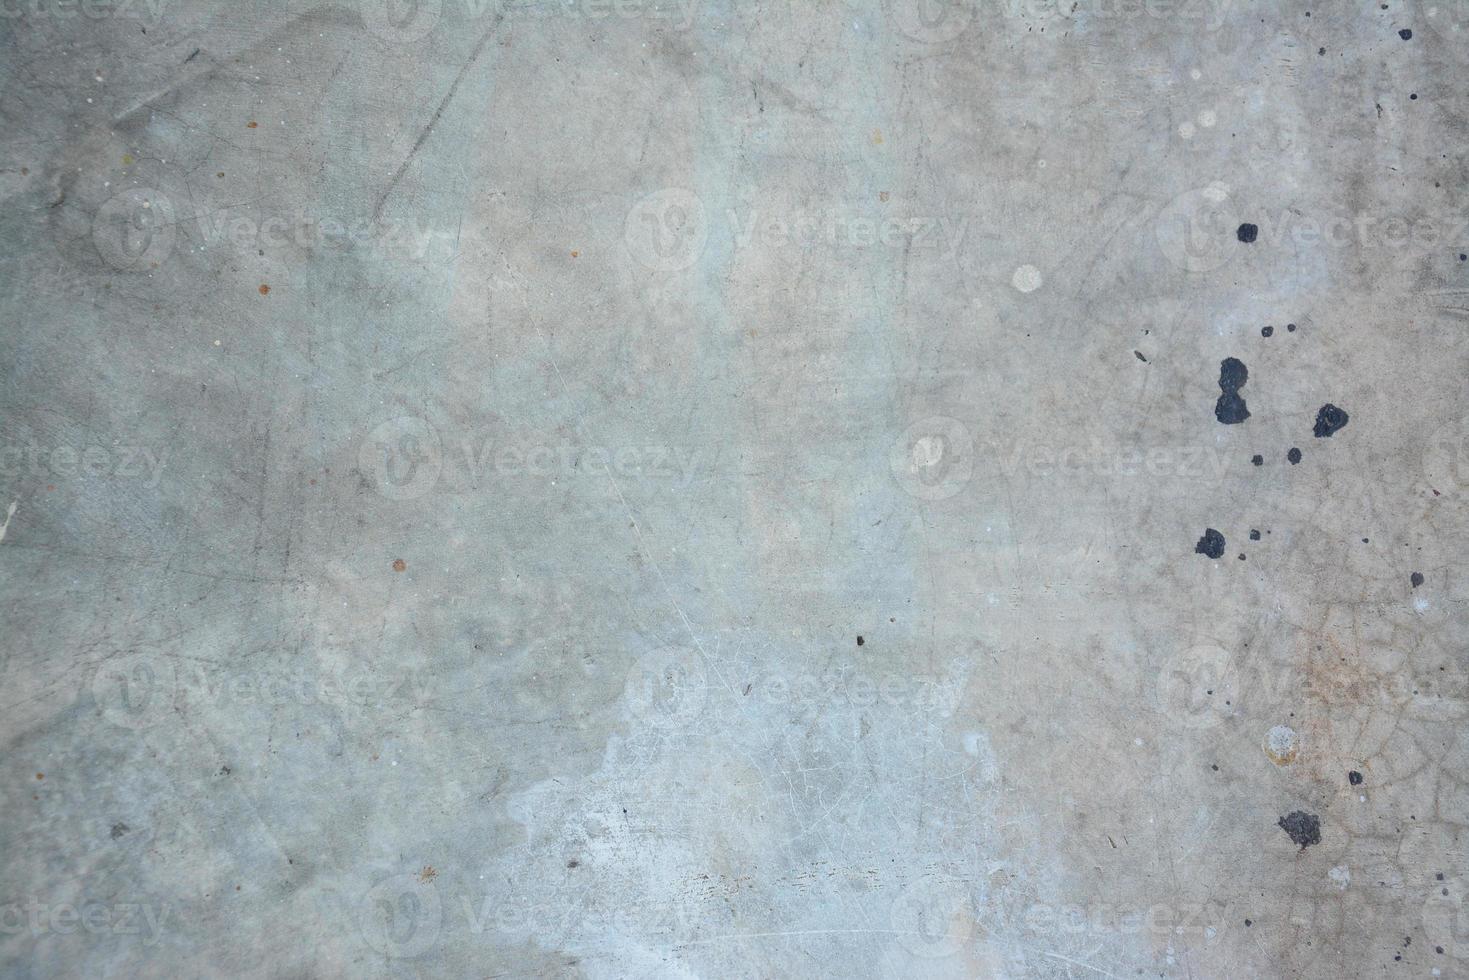 konkret textur bakgrund foto